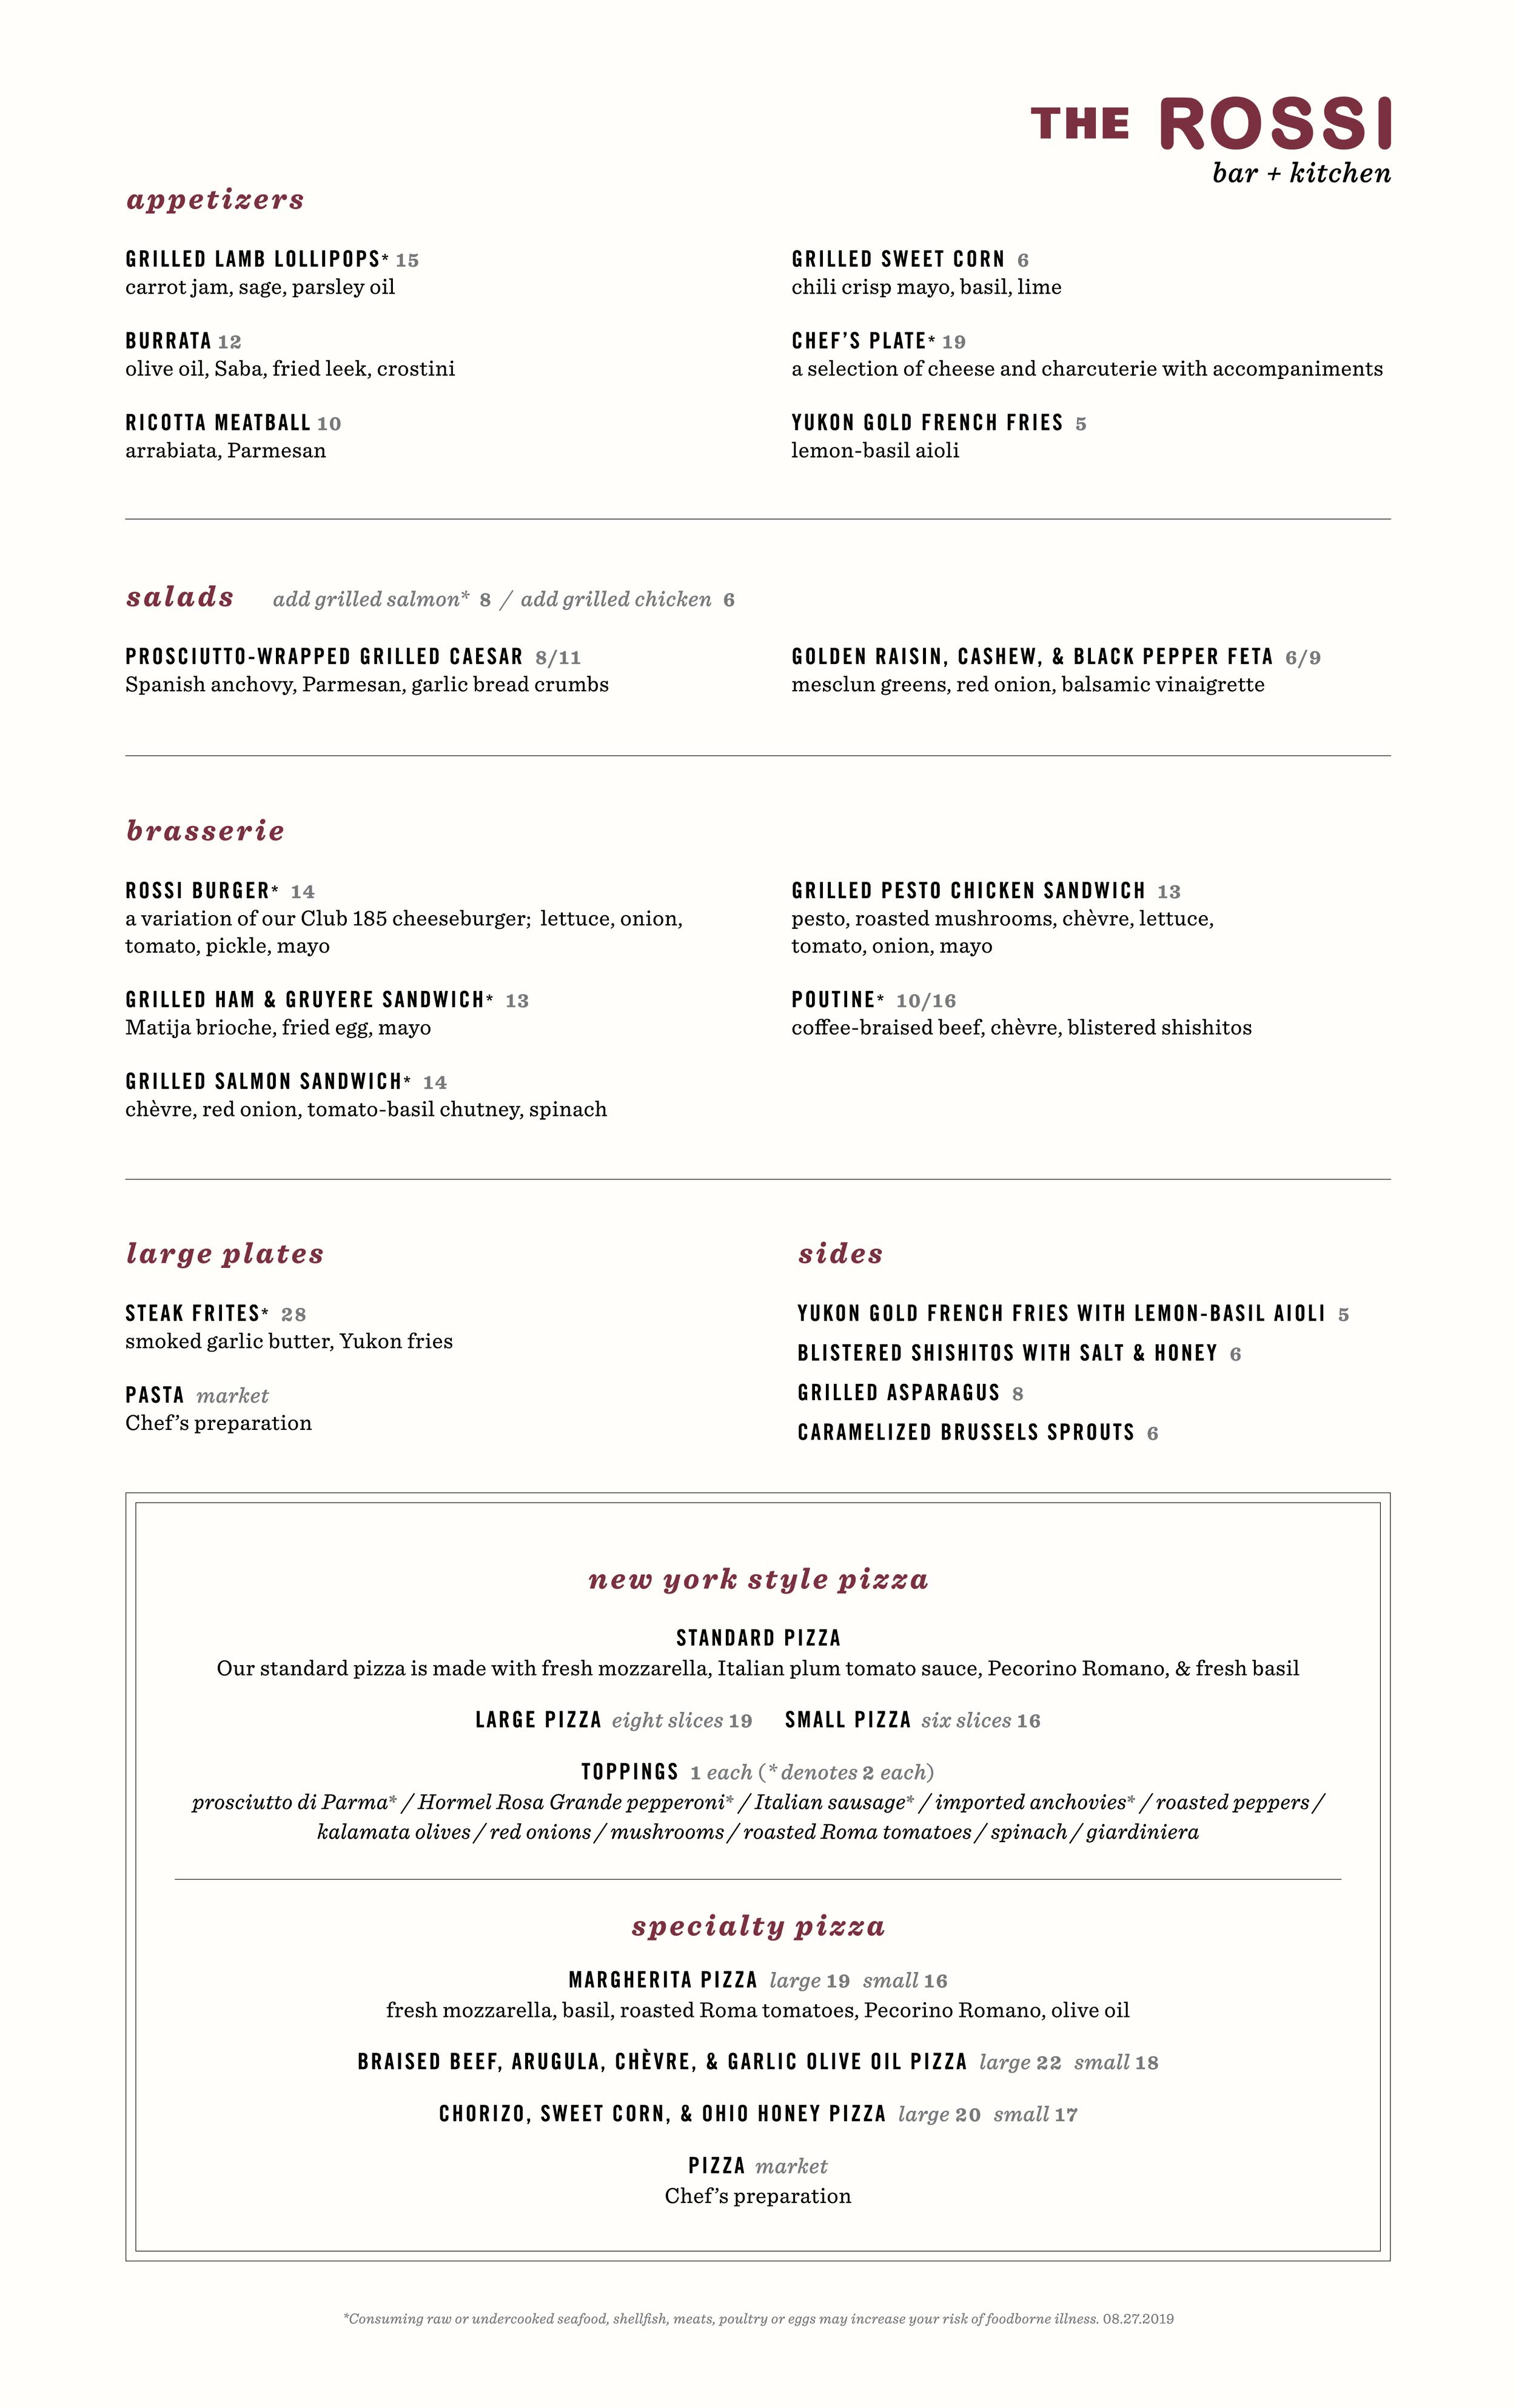 Rossi_Dinner-Menu_08-27-19.png